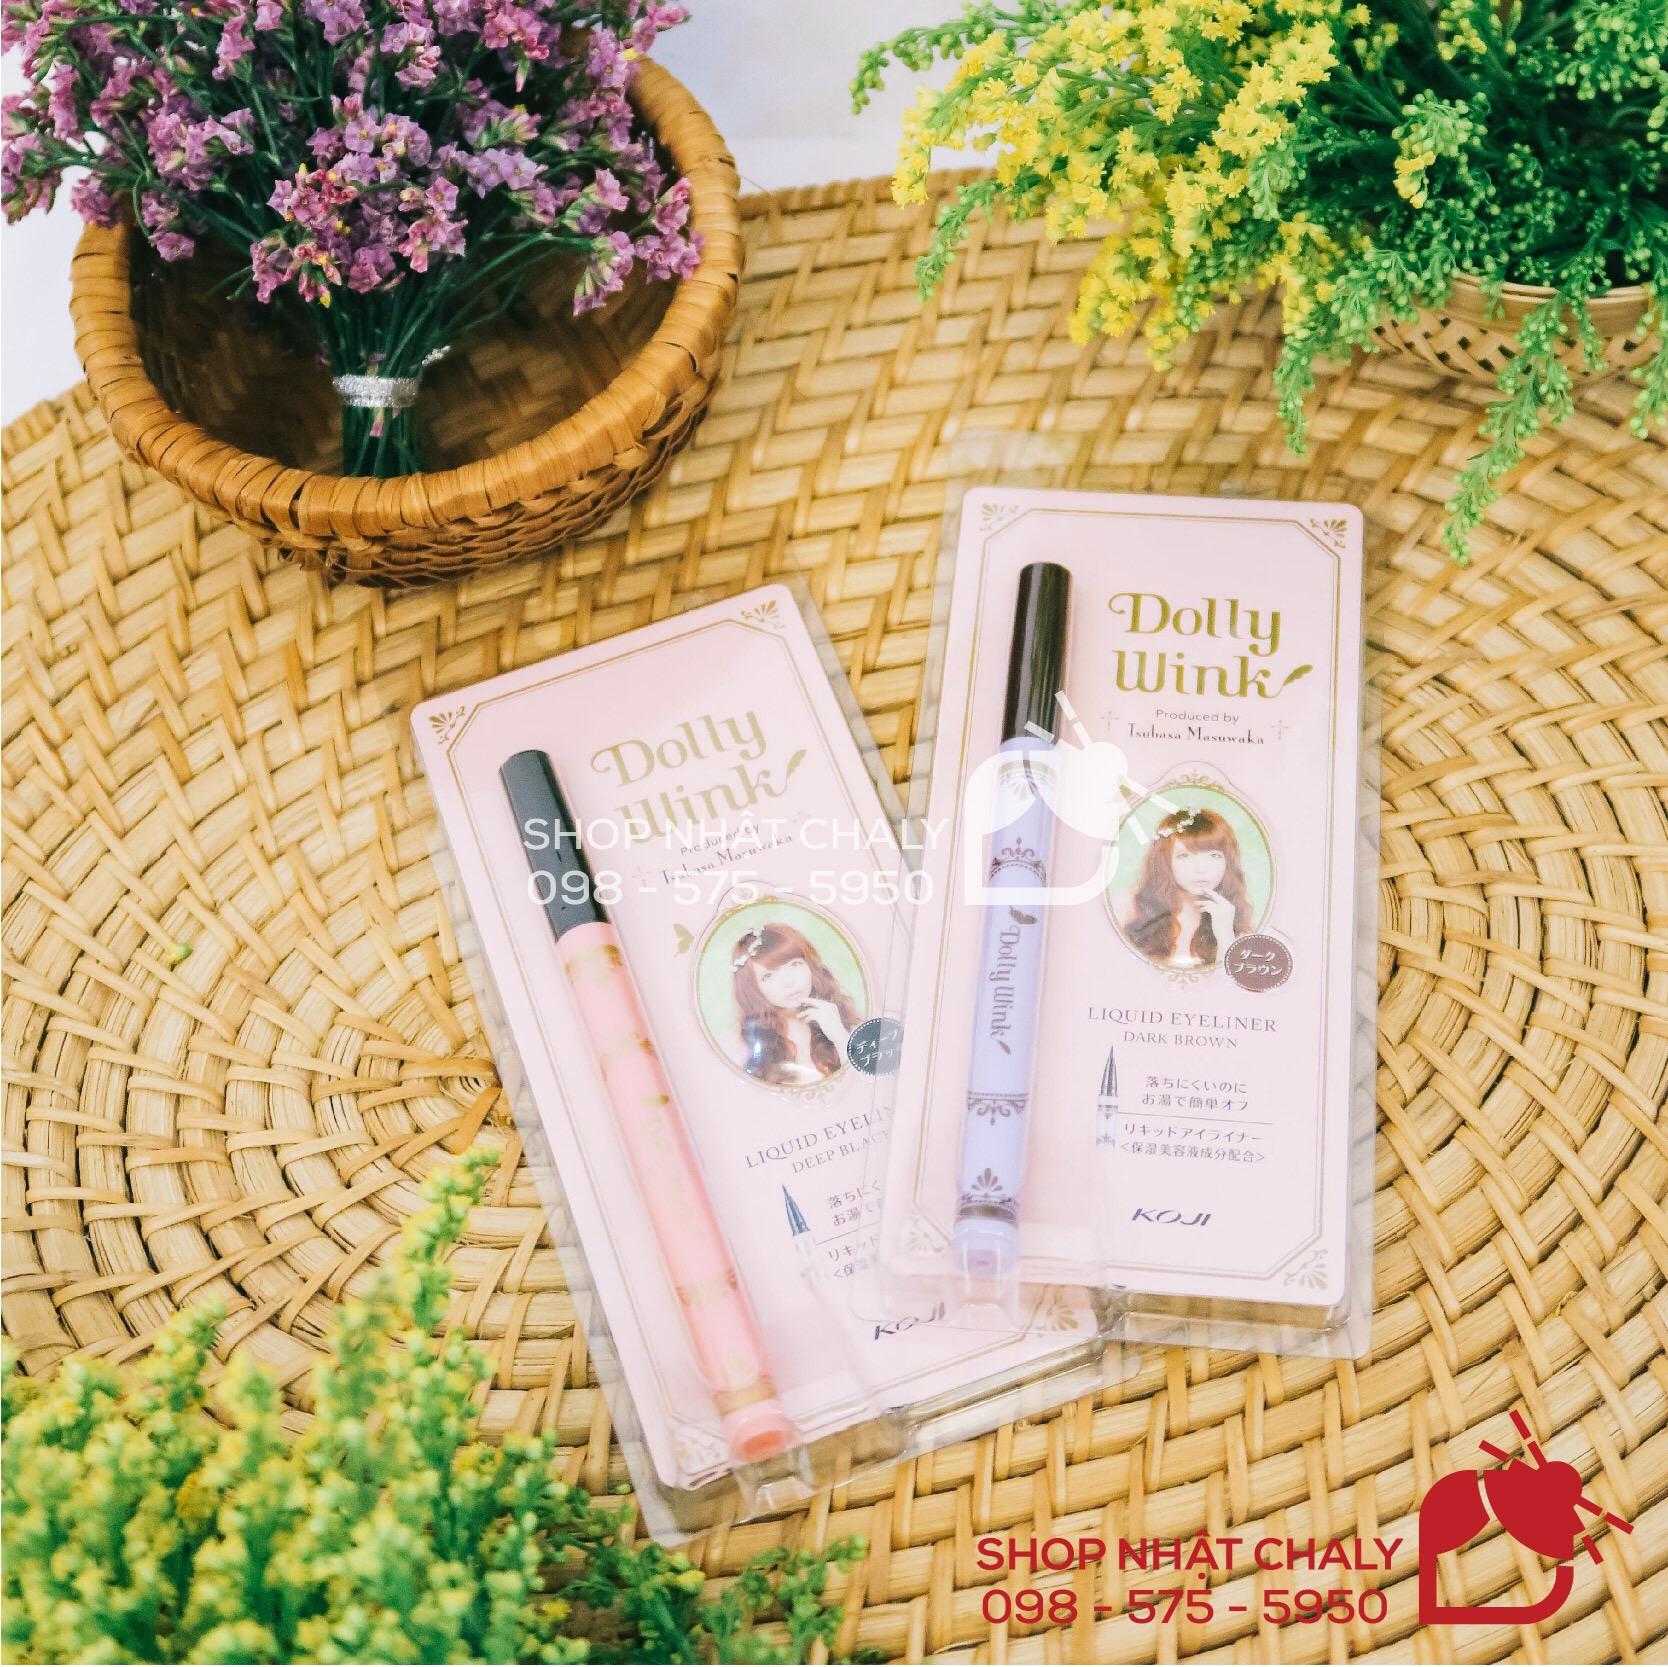 Bút kẻ mắt Dolly Wink Liquid Eyeliner là bút kẻ mắt được ưa chuộng hàng đầu Nhật Bản. Ưu điểm dễ dùng, ngay cả cho người mới tập trang điểm mắt